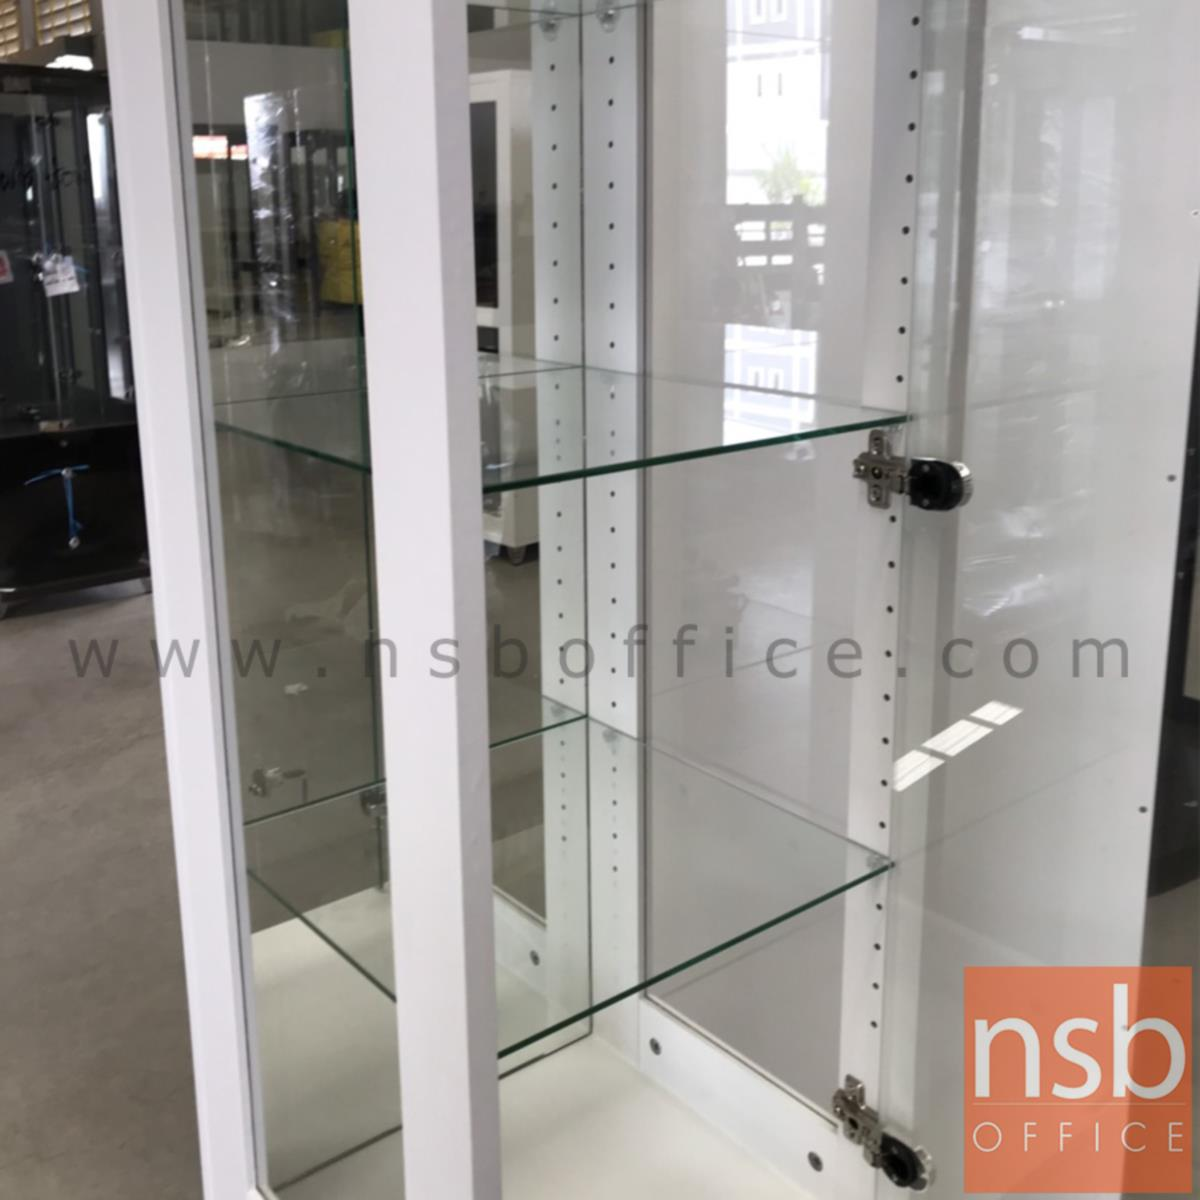 ตู้โชว์กระจกดาวน์ไลท์ 1 บานเปิด ขนาด 40W*40D*190H cm.  รุ่น DW-6848-DS มีไฟในตัว (หลังกระจกเงา)